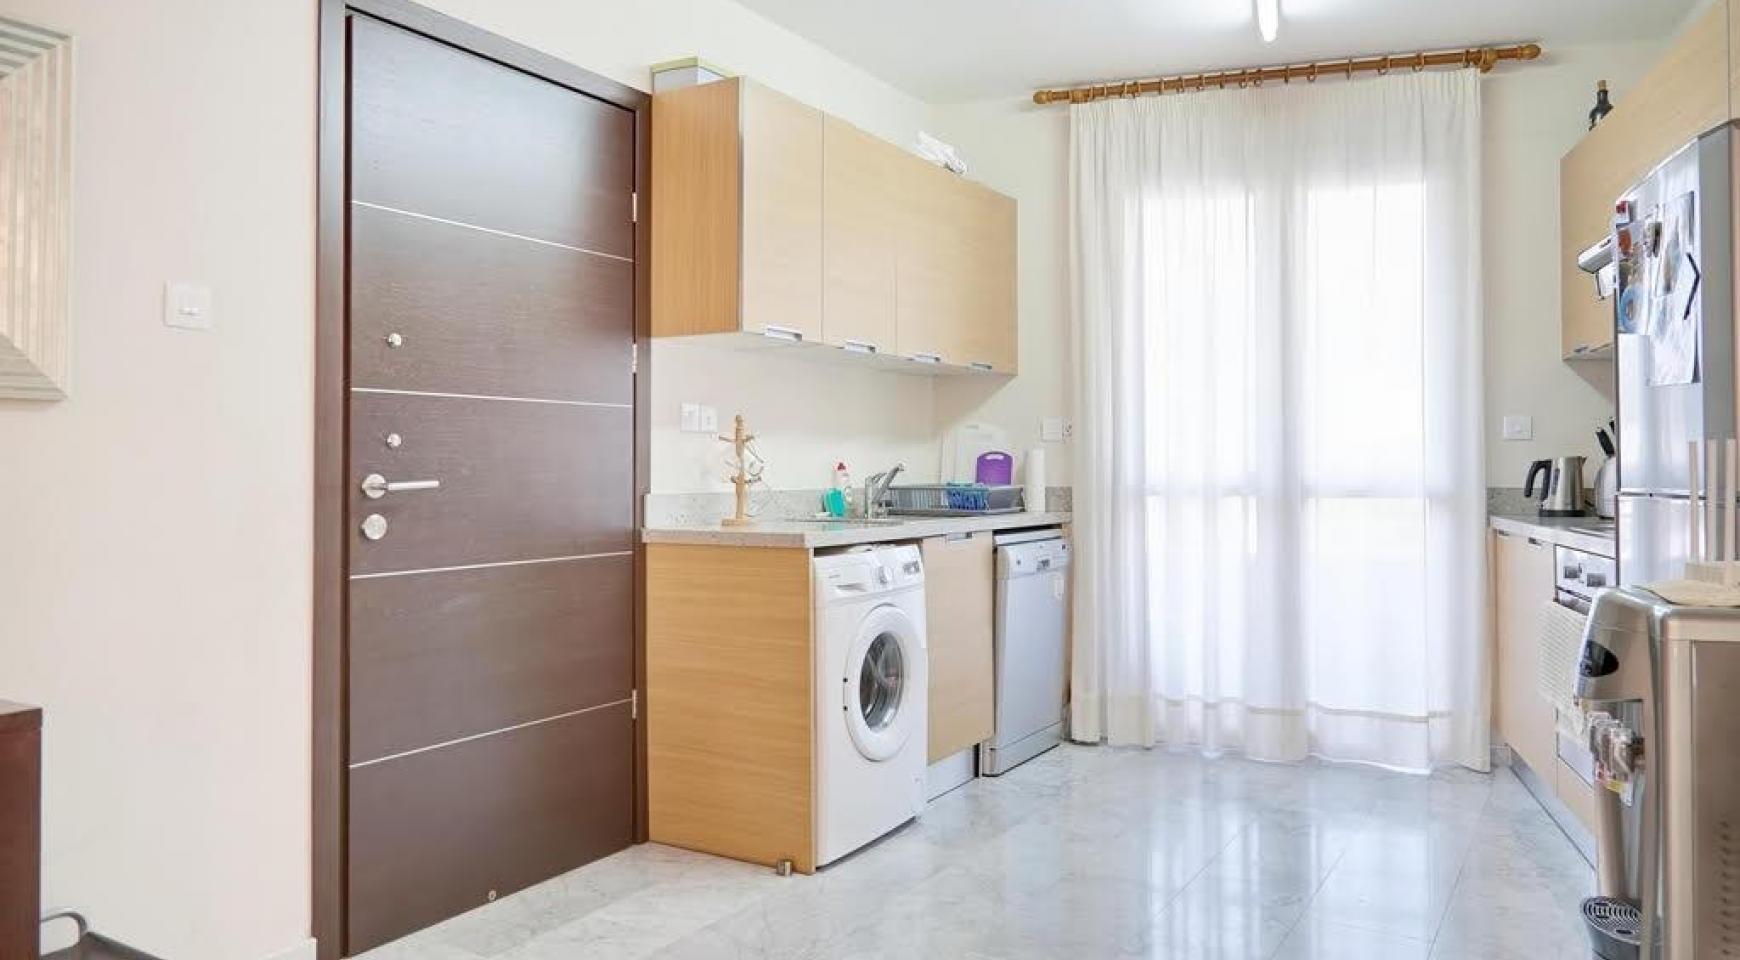 Luxury 2 Bedroom Apartment Amathusa F 104 near the Beach - 3